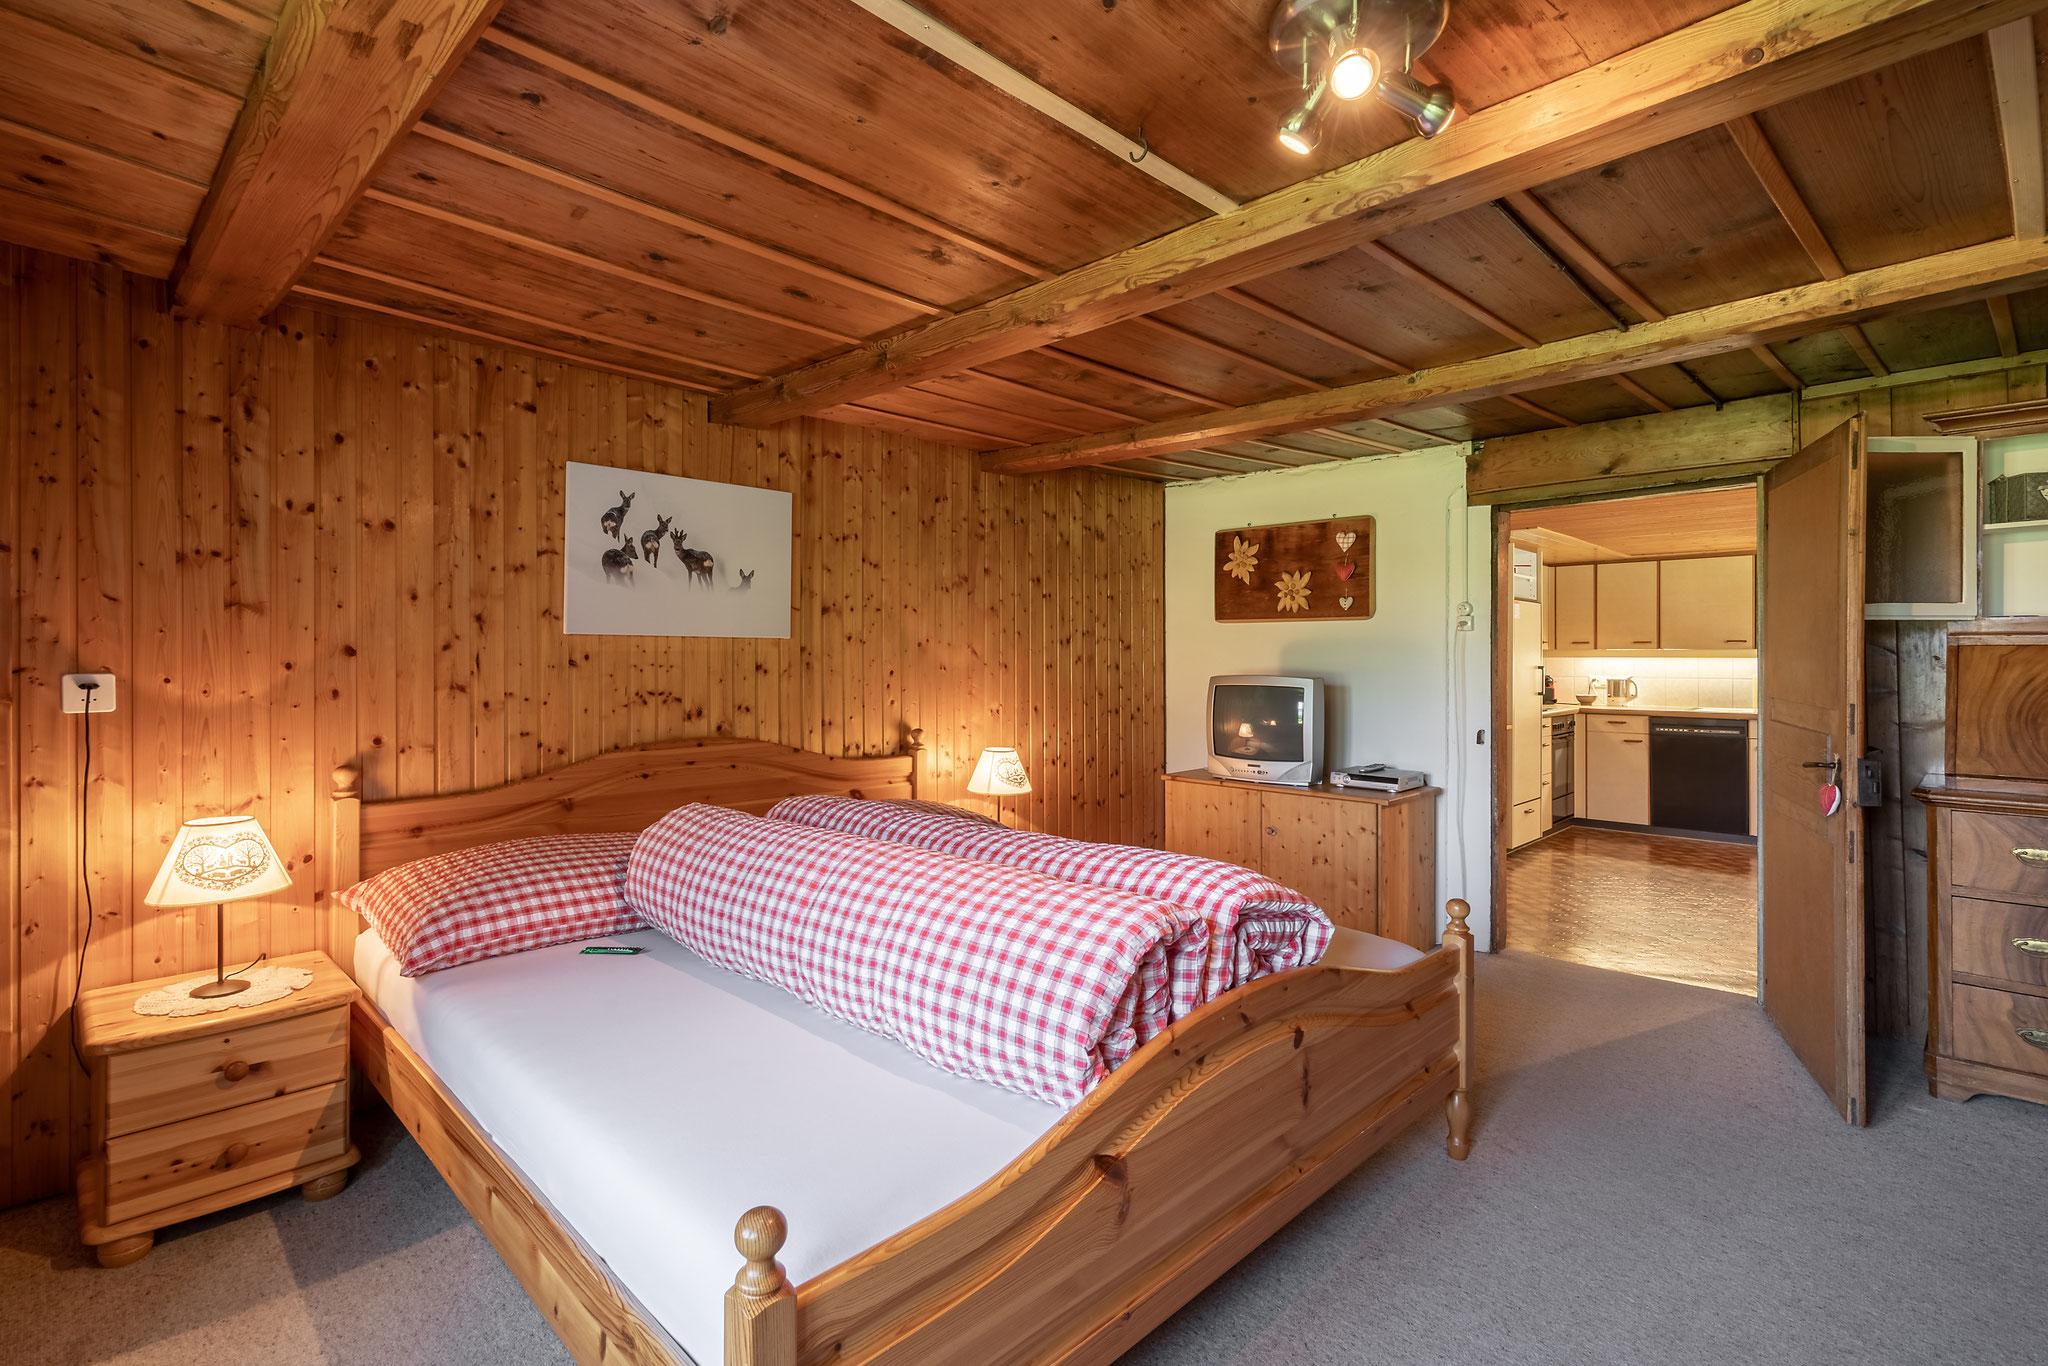 Schlafzimmer 1 mit Blick in die Küche